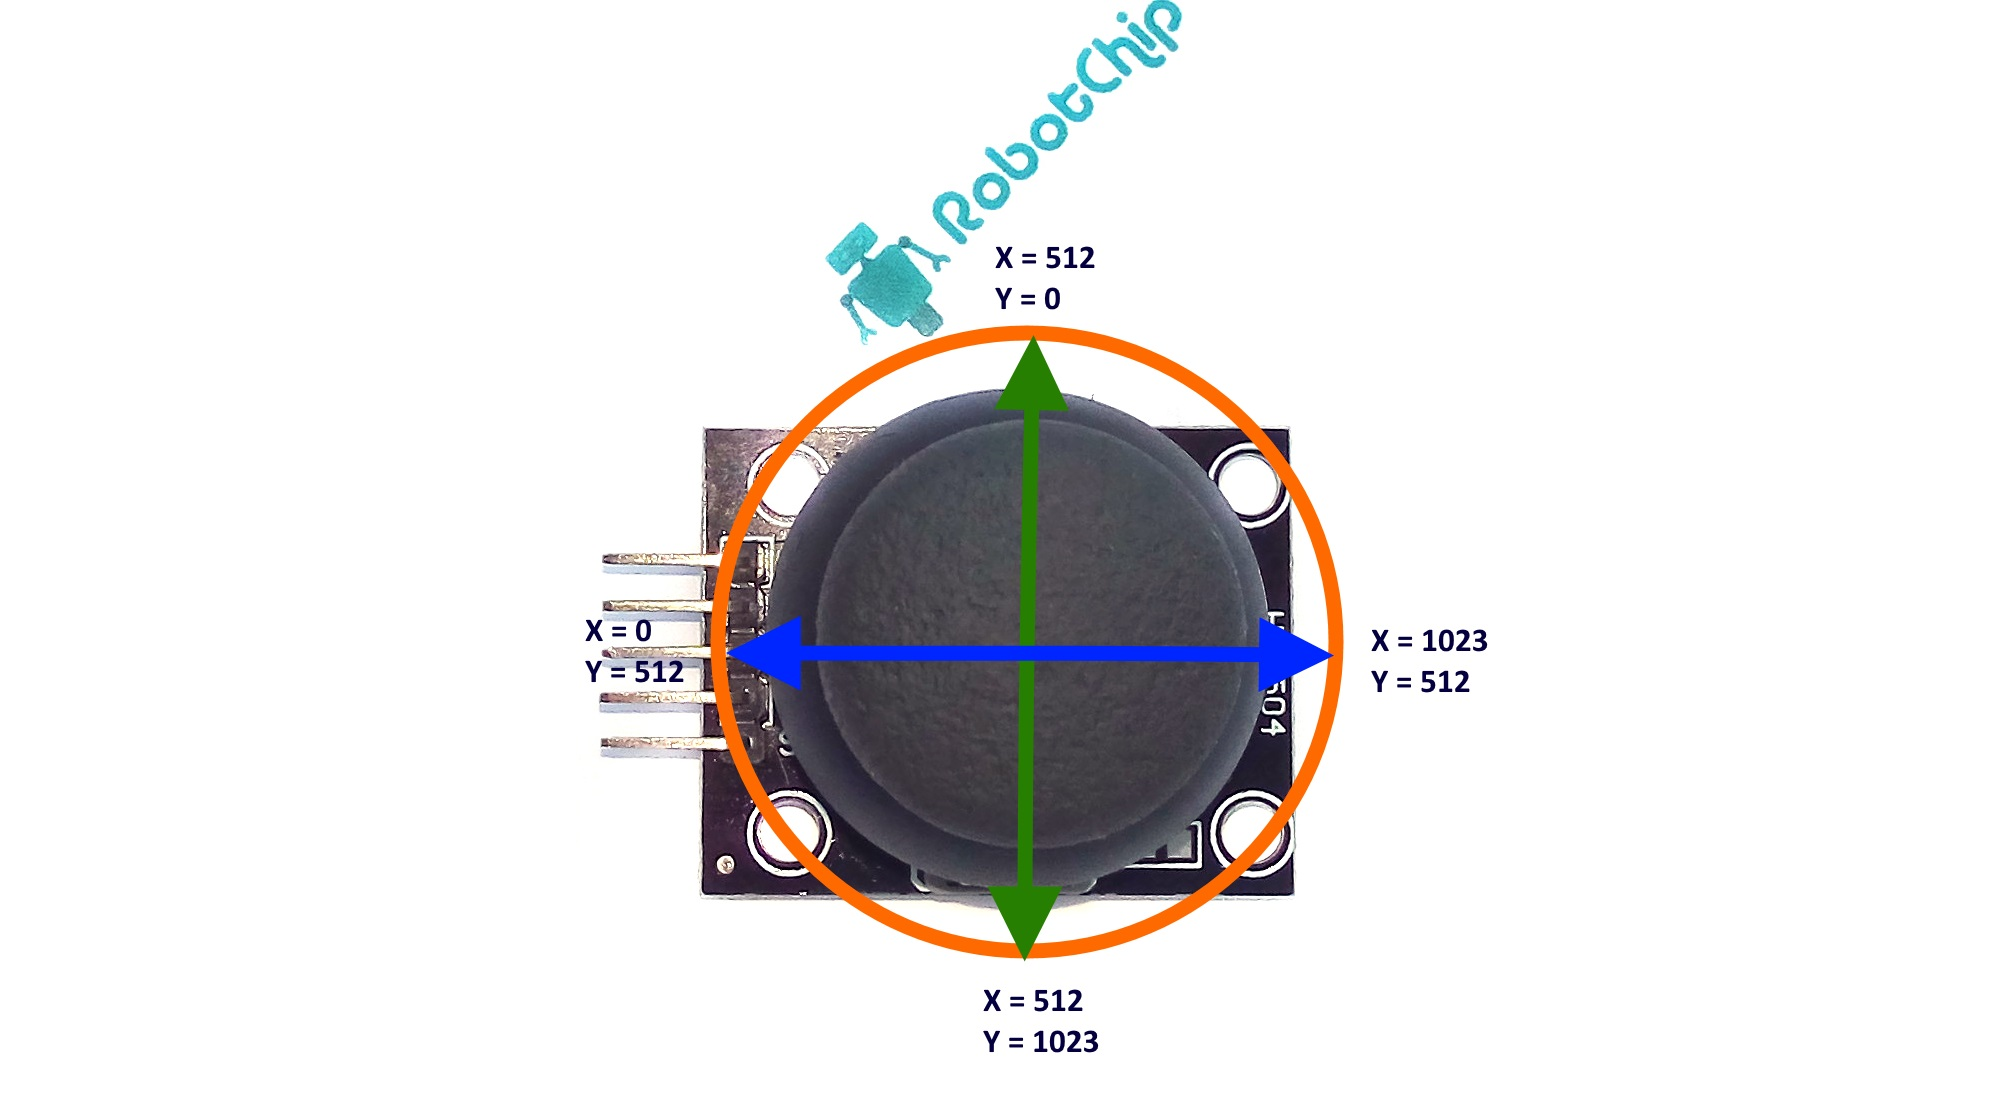 Обзор двухосевого джойстика (KY-023, PS2)